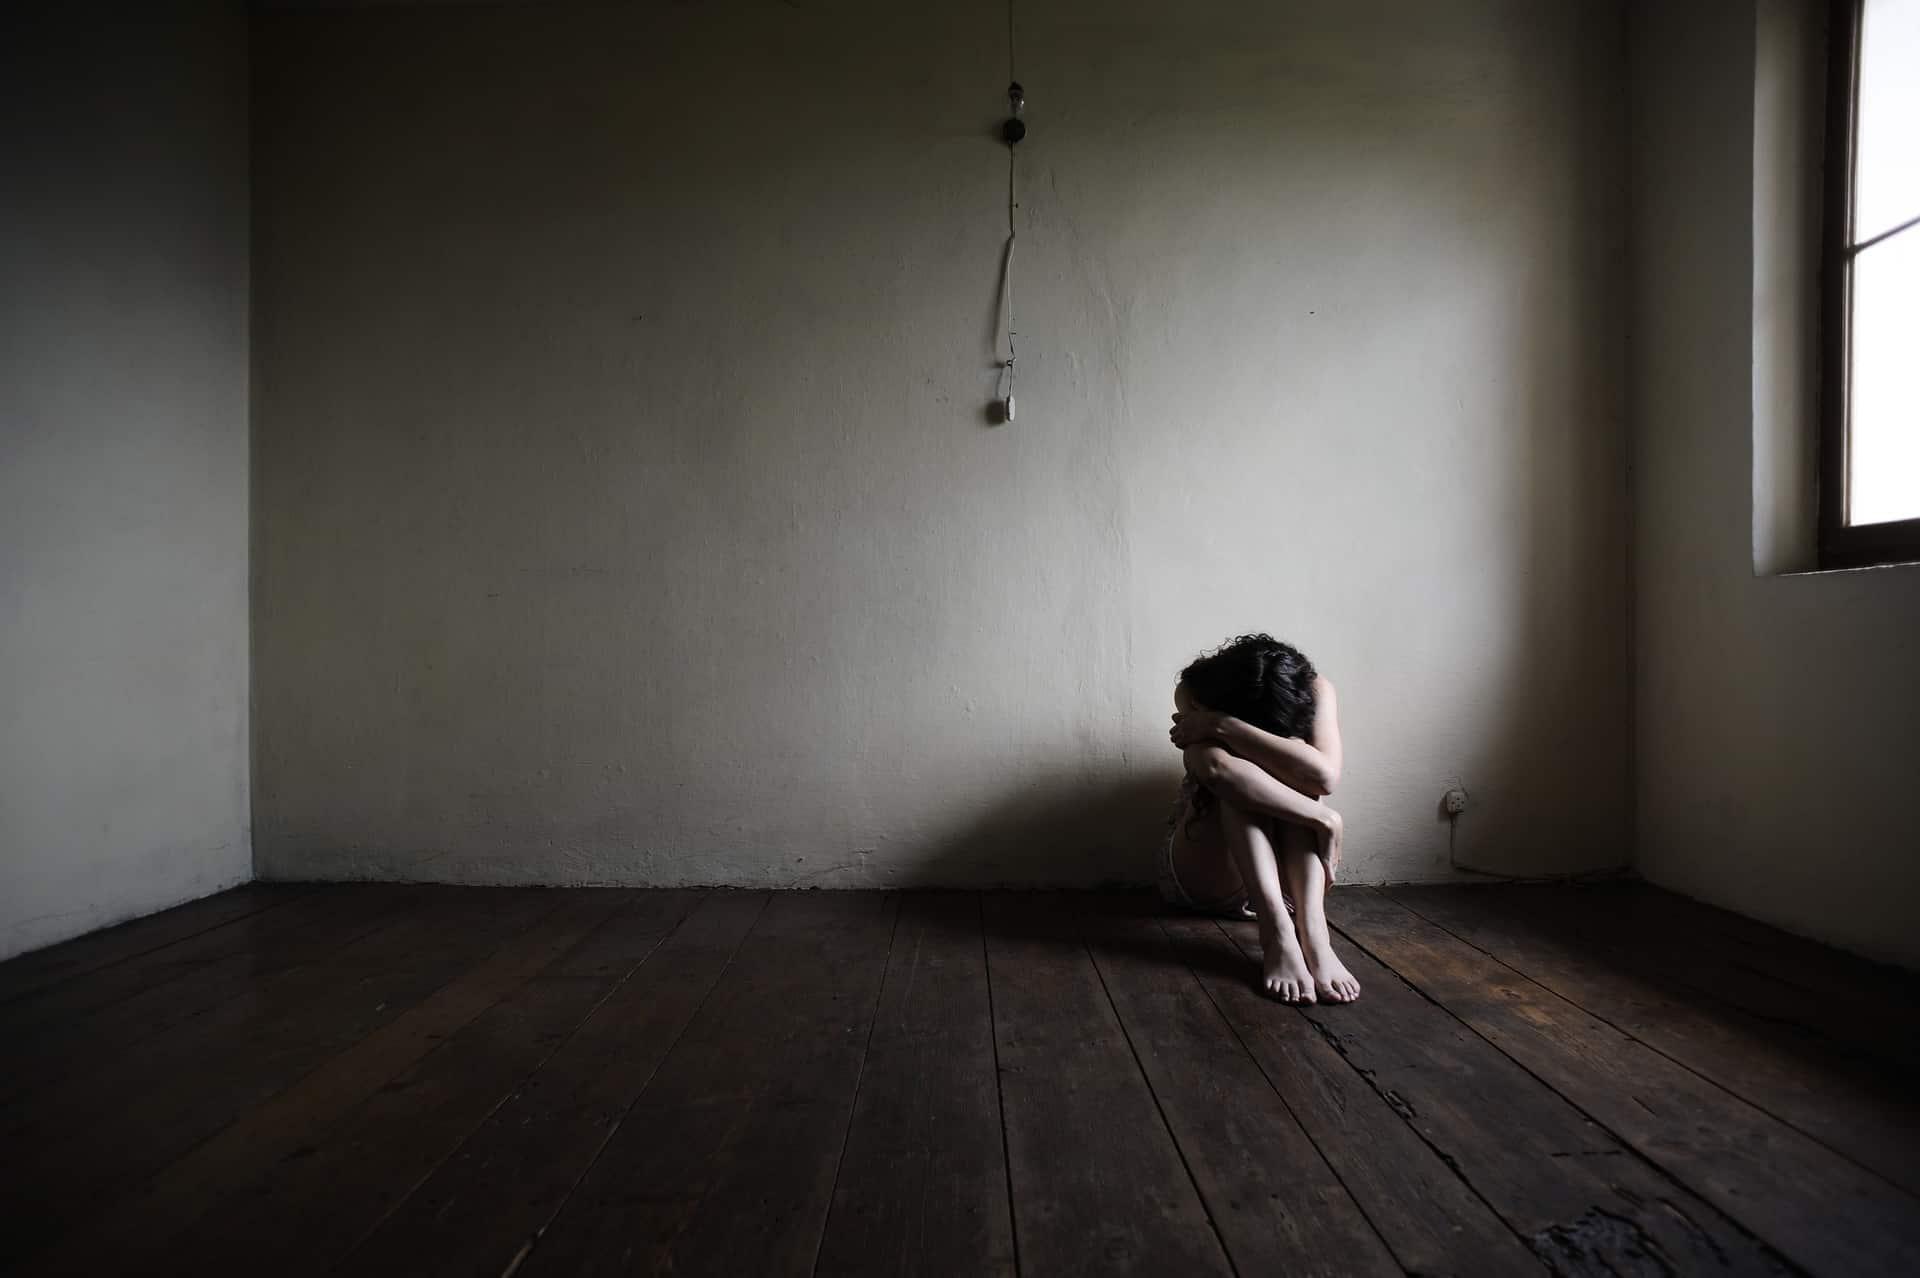 5 Lagu Korea Yang Menggambarkan Tentang Depresi